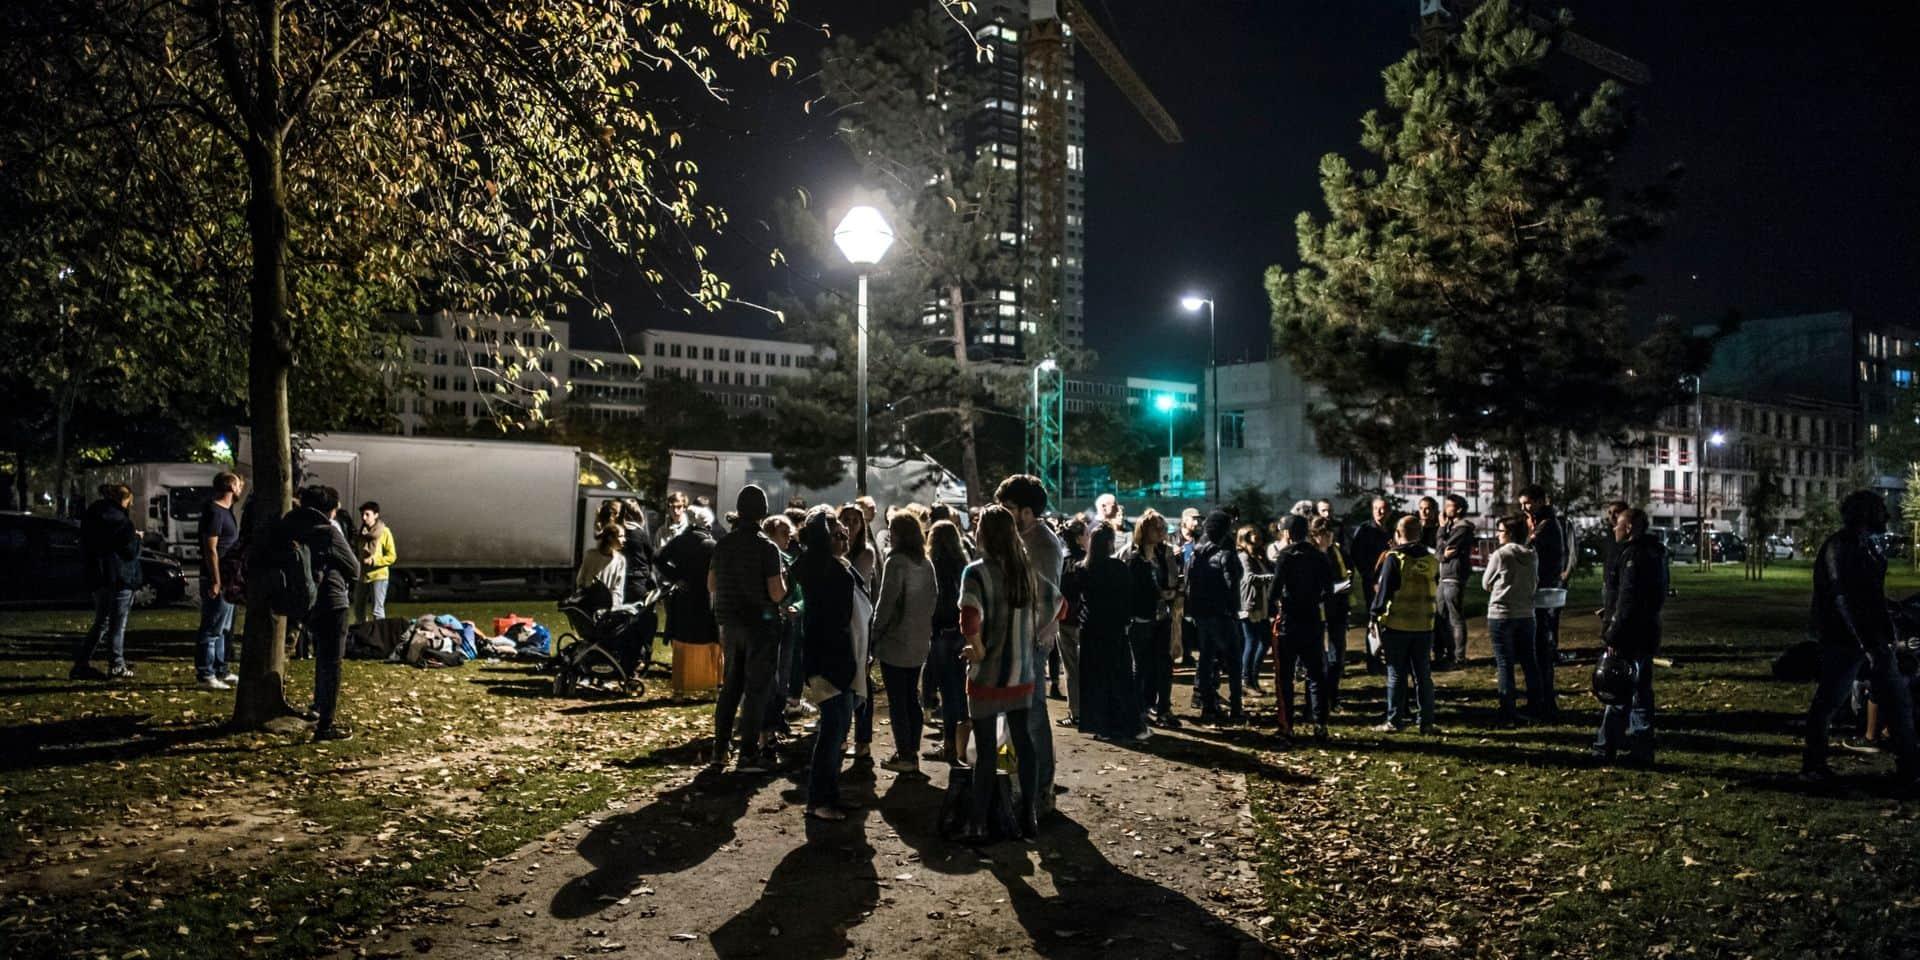 Plus de 500 migrants de retour au parc Maximilien dès le 21 septembre...